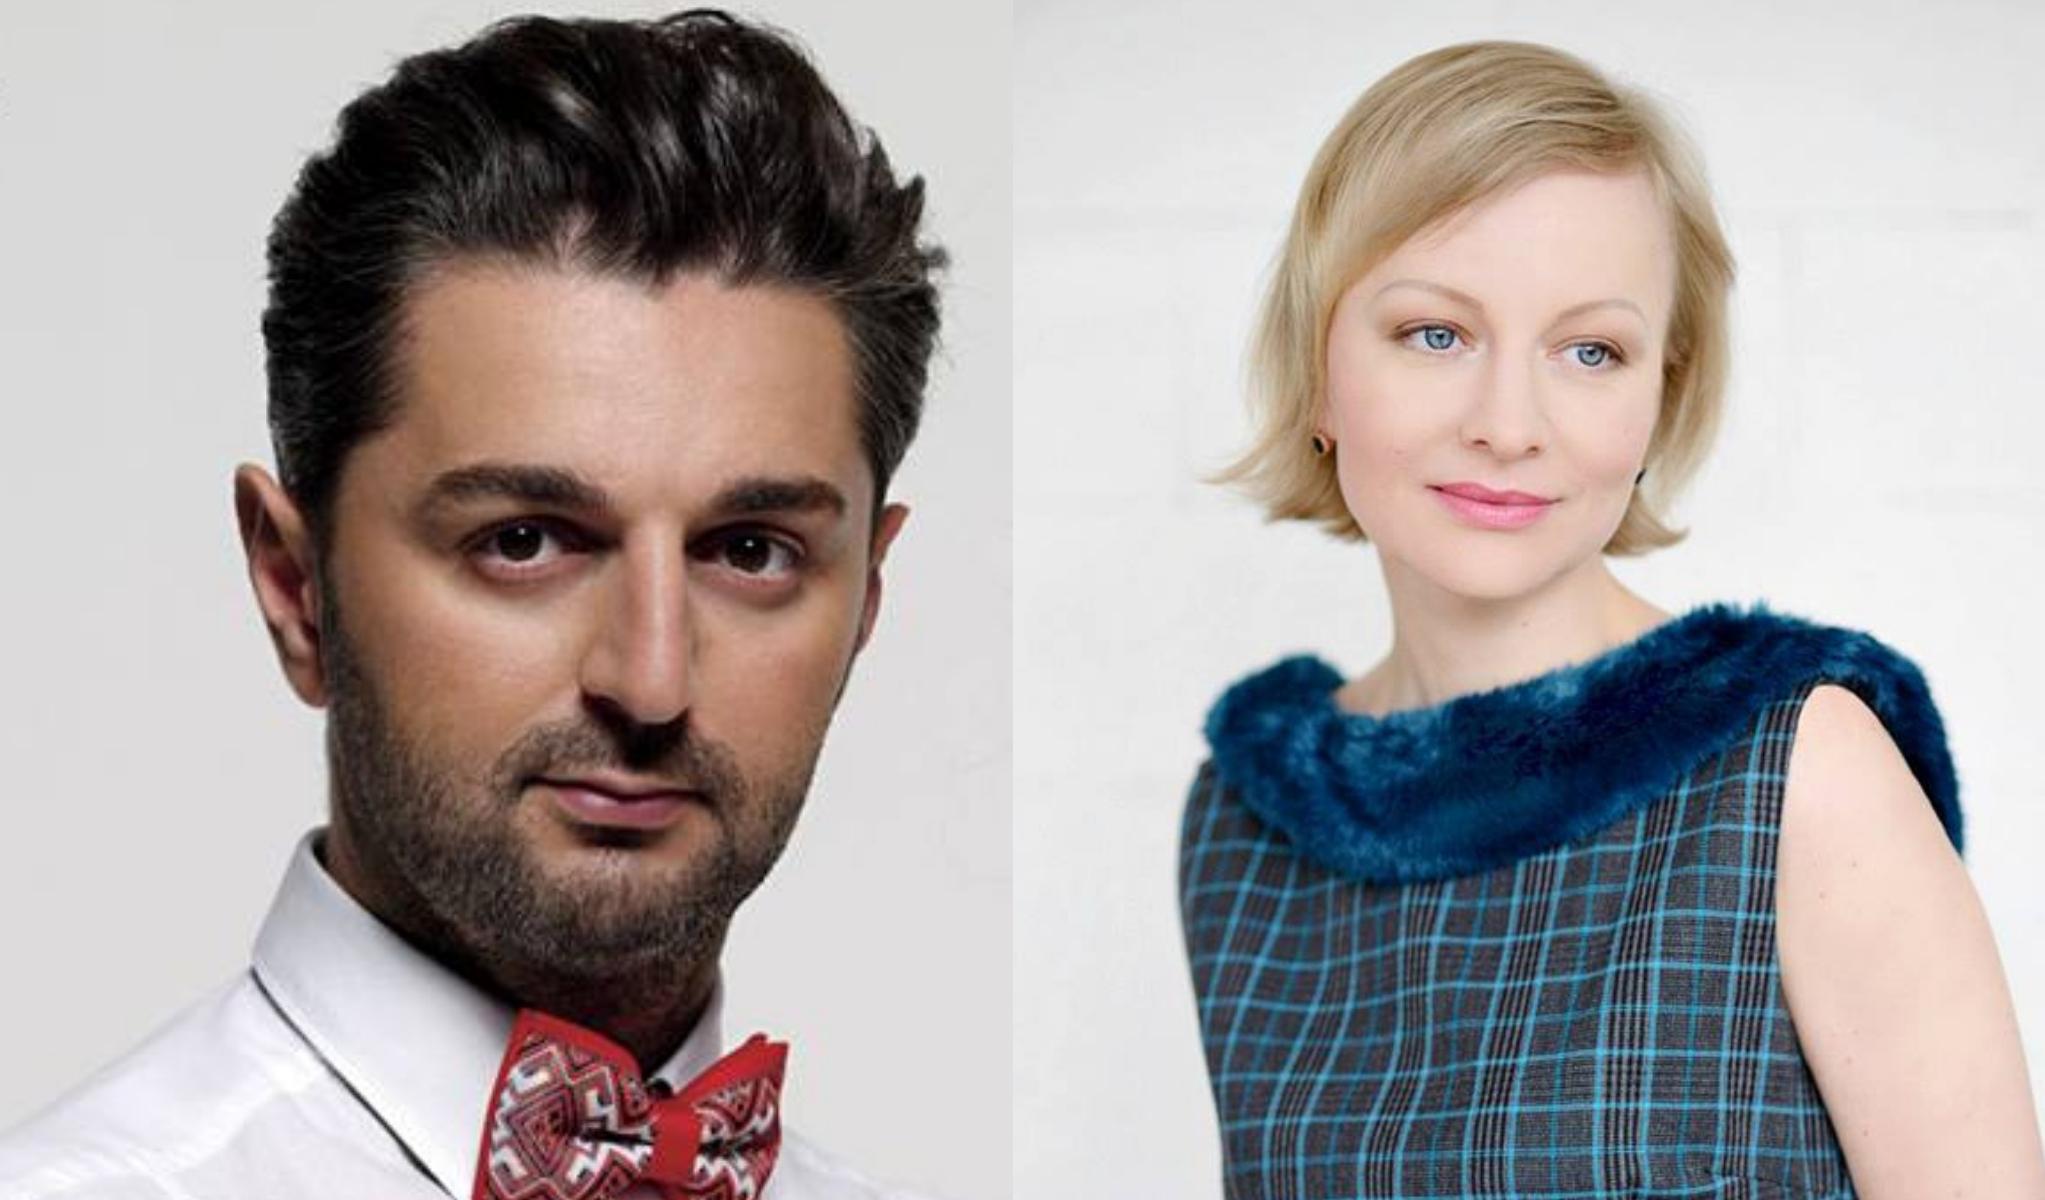 Iată ce au în comun Adrian Ursu și Radmila Popovici – Paraschiv!